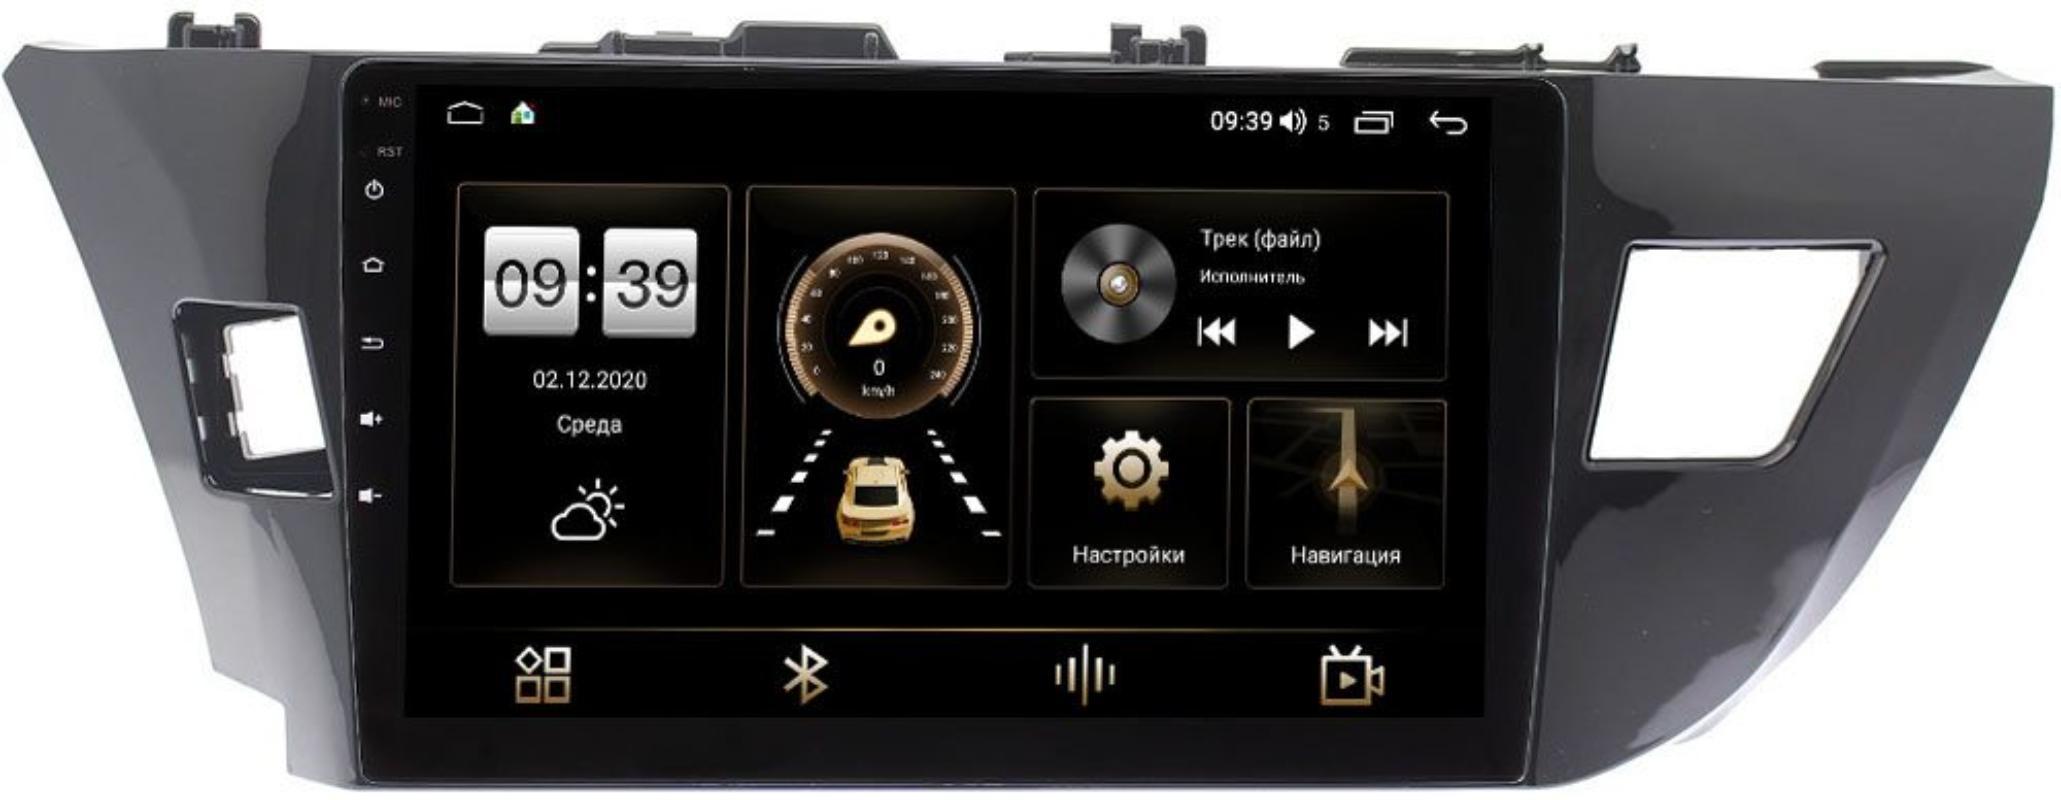 Штатная магнитола Toyota Corolla XI 2013-2015 LeTrun 4165-1005 на Android 10 (4G-SIM, 3/32, DSP, QLed) (для авто без камеры) (+ Камера заднего вида в подарок!)